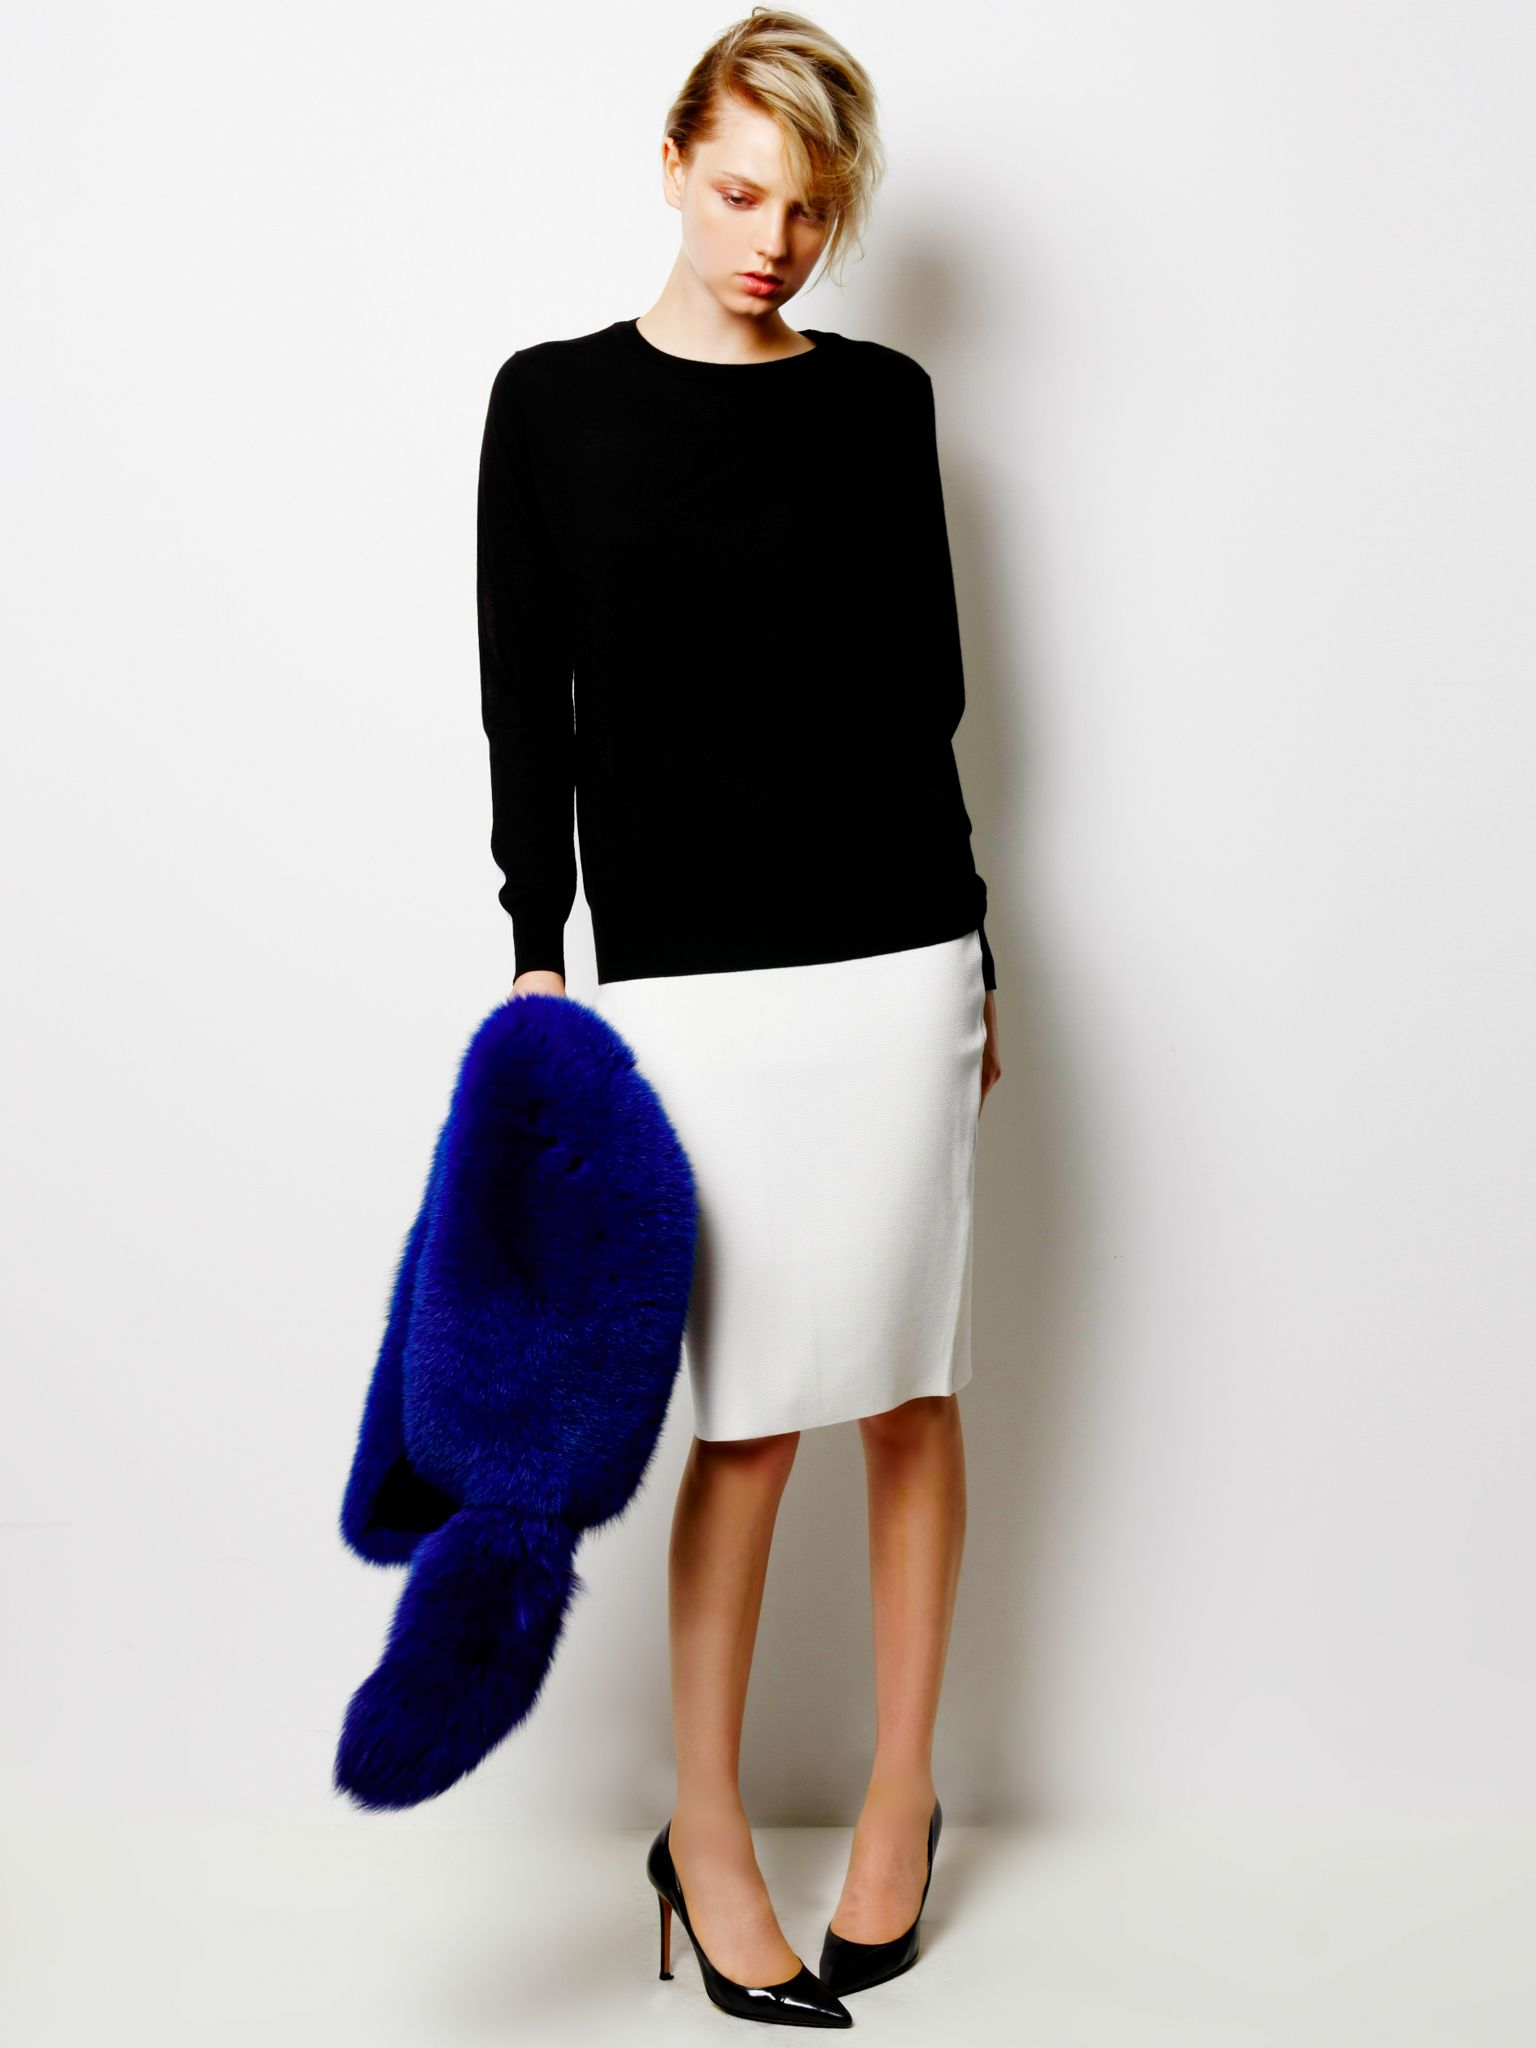 Bi-color Knit, Patent Leather Skirt and Fox Fur Stole / LE CIEL BLEU